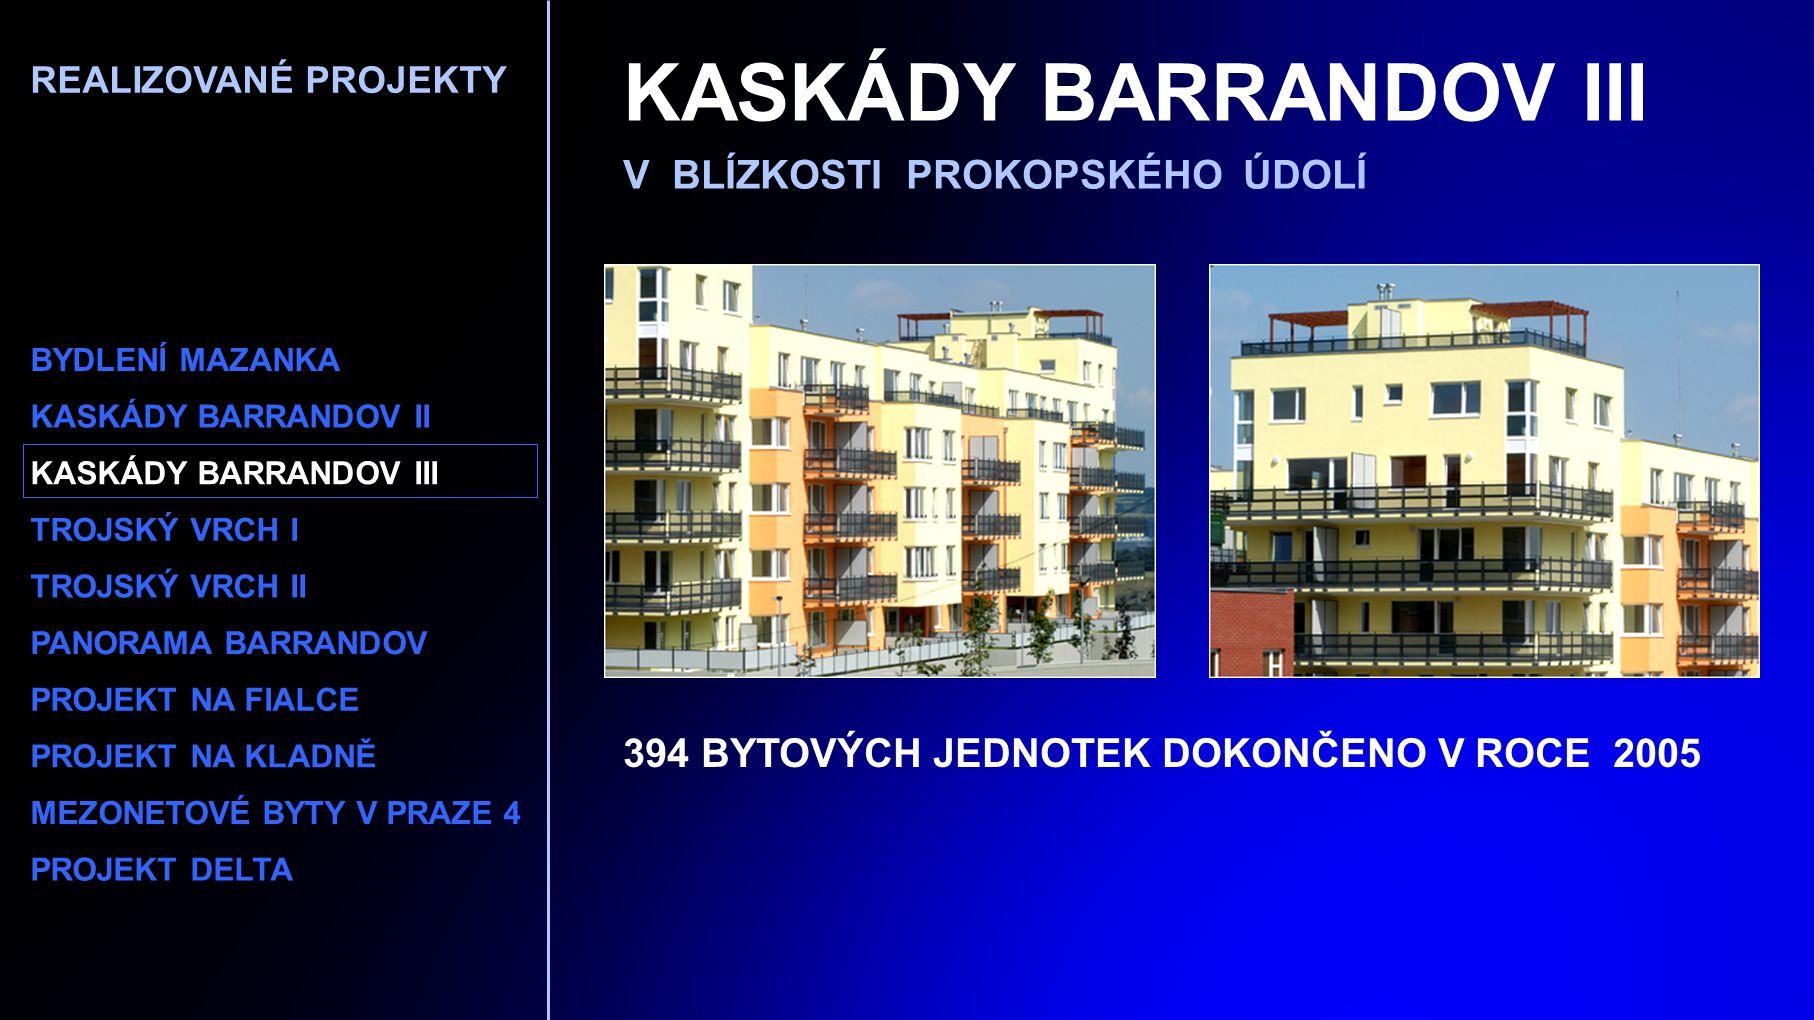 KASKÁDY BARRANDOV III V BLÍZKOSTI PROKOPSKÉHO ÚDOLÍ